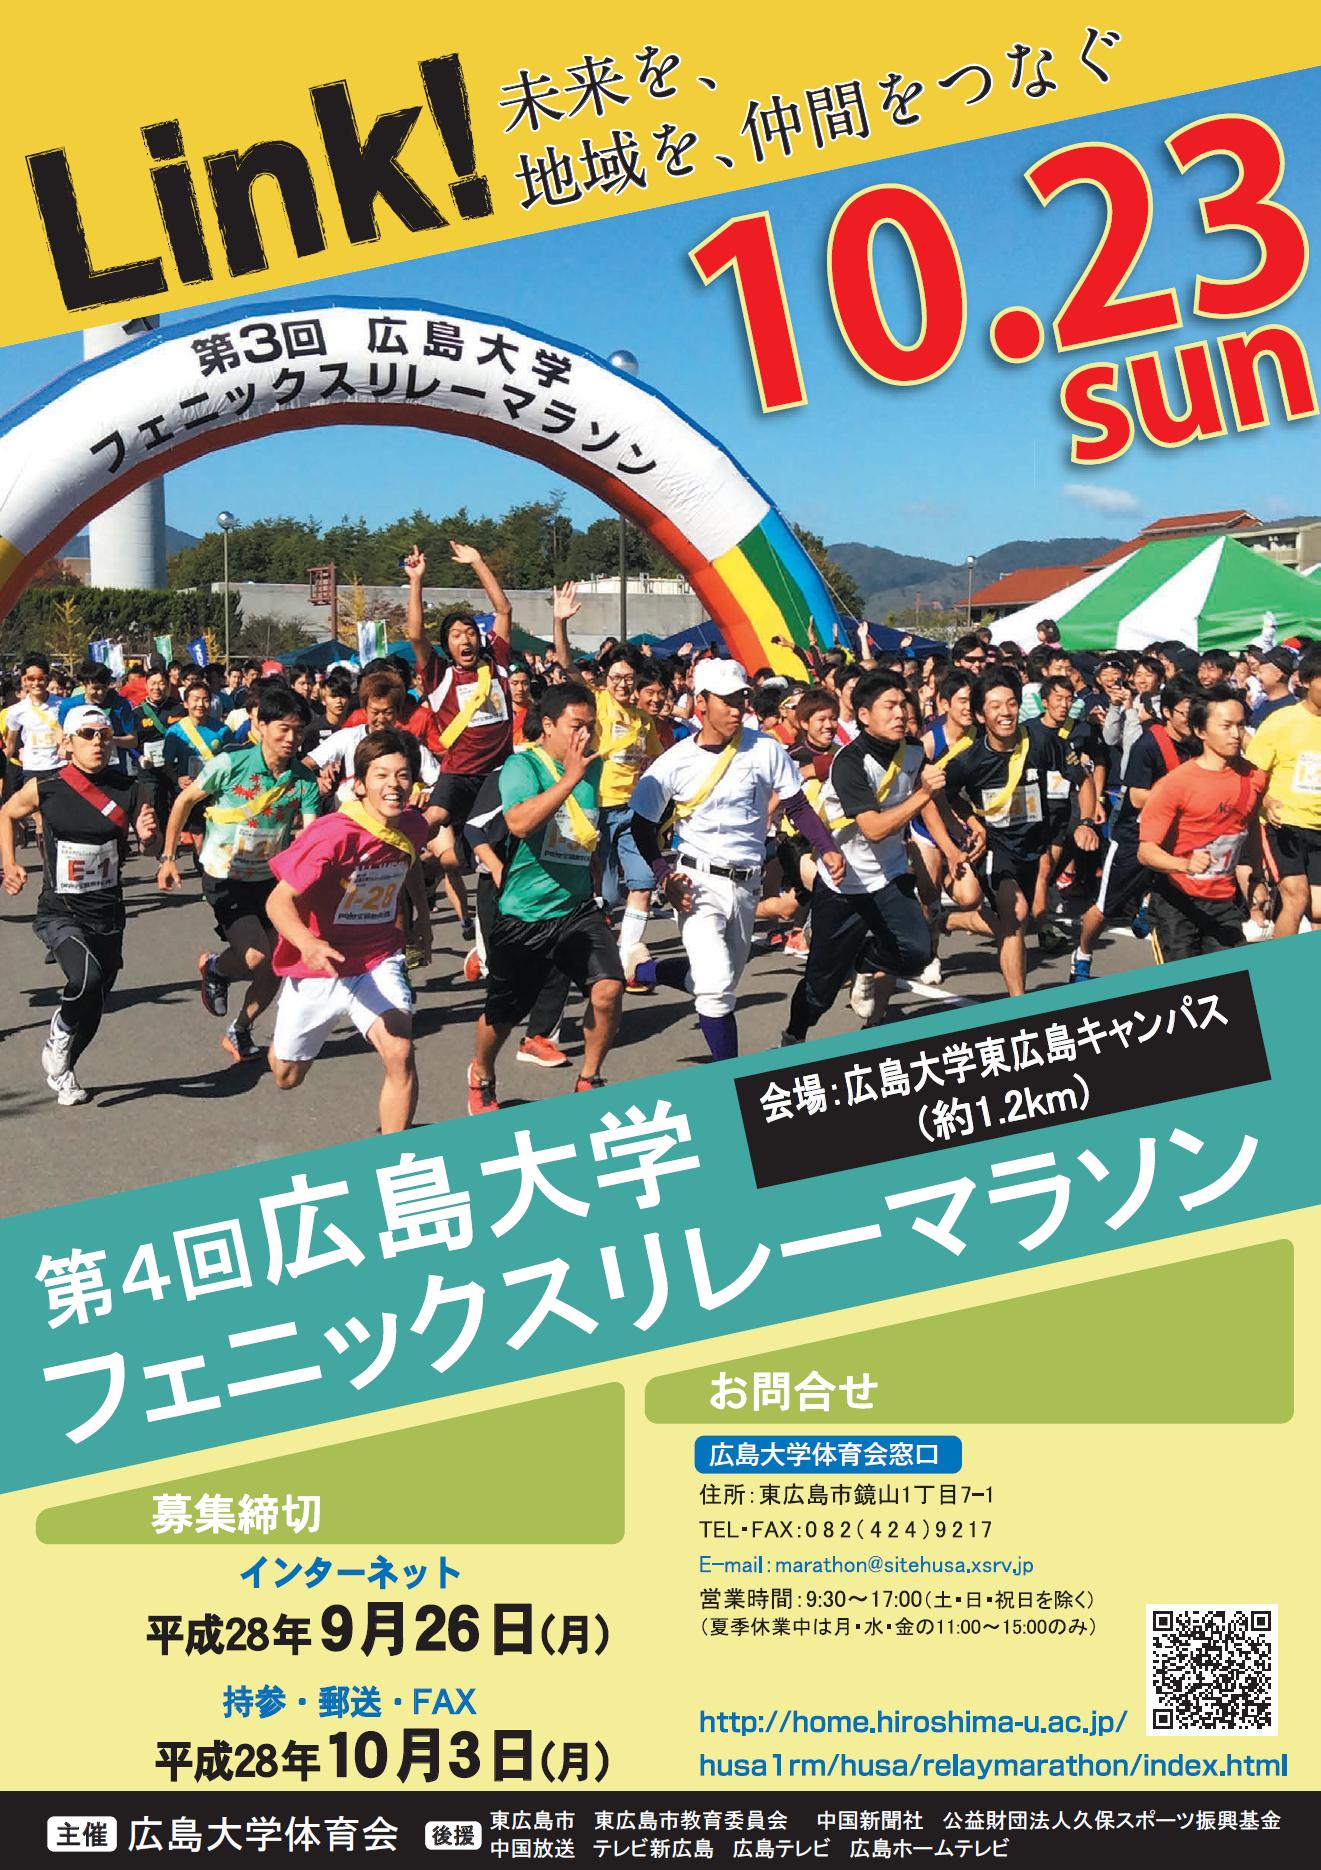 たすきをつないで絆を深めよう!第4回広島大学フェニックスリレーマラソン参加者募集中!! 【広島大学体育会】